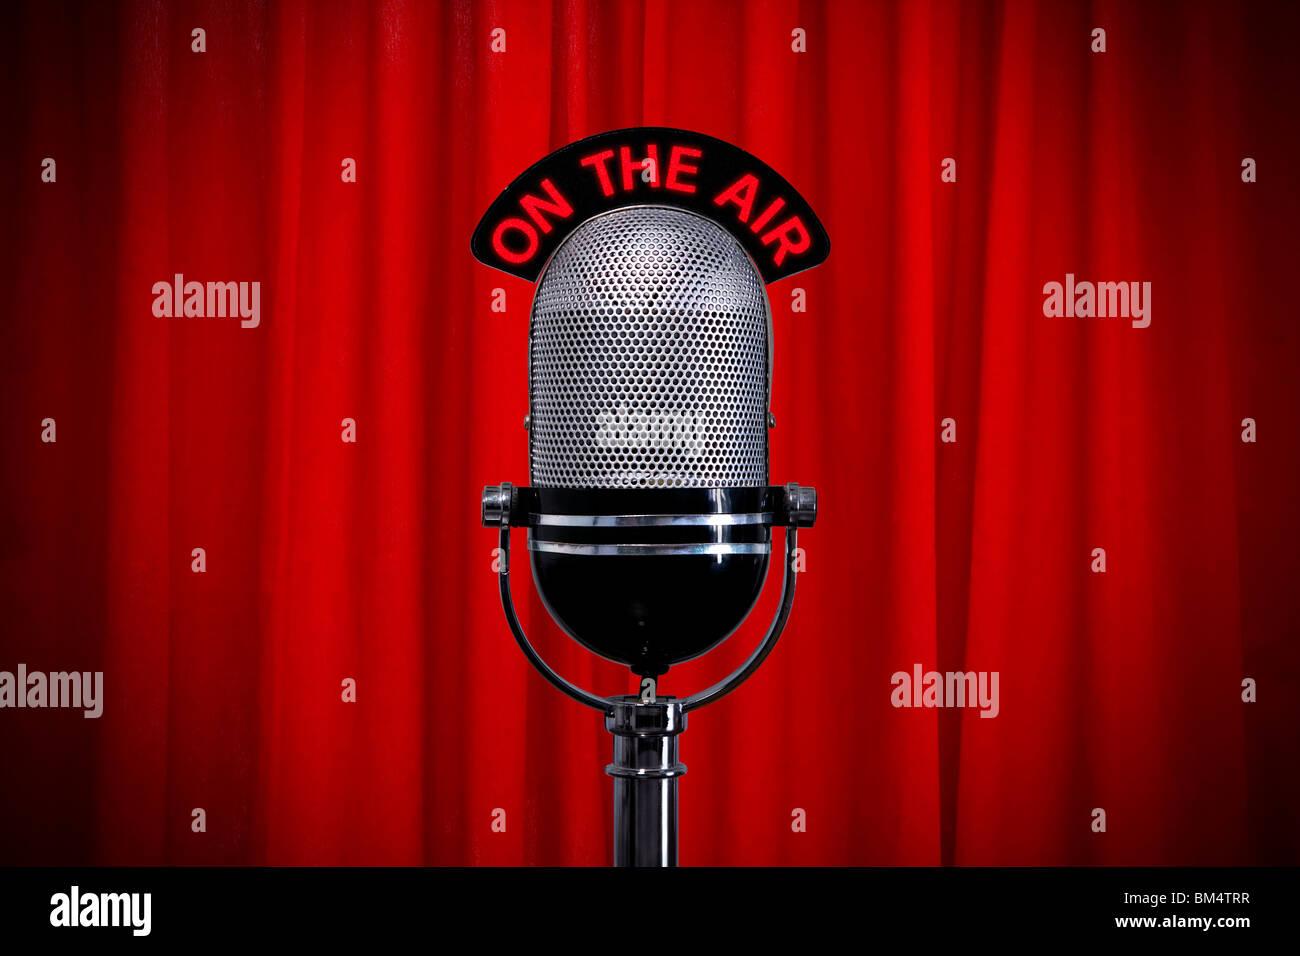 Microphone rétro sur scène contre un rideau rouge avec effet projecteur Photo Stock